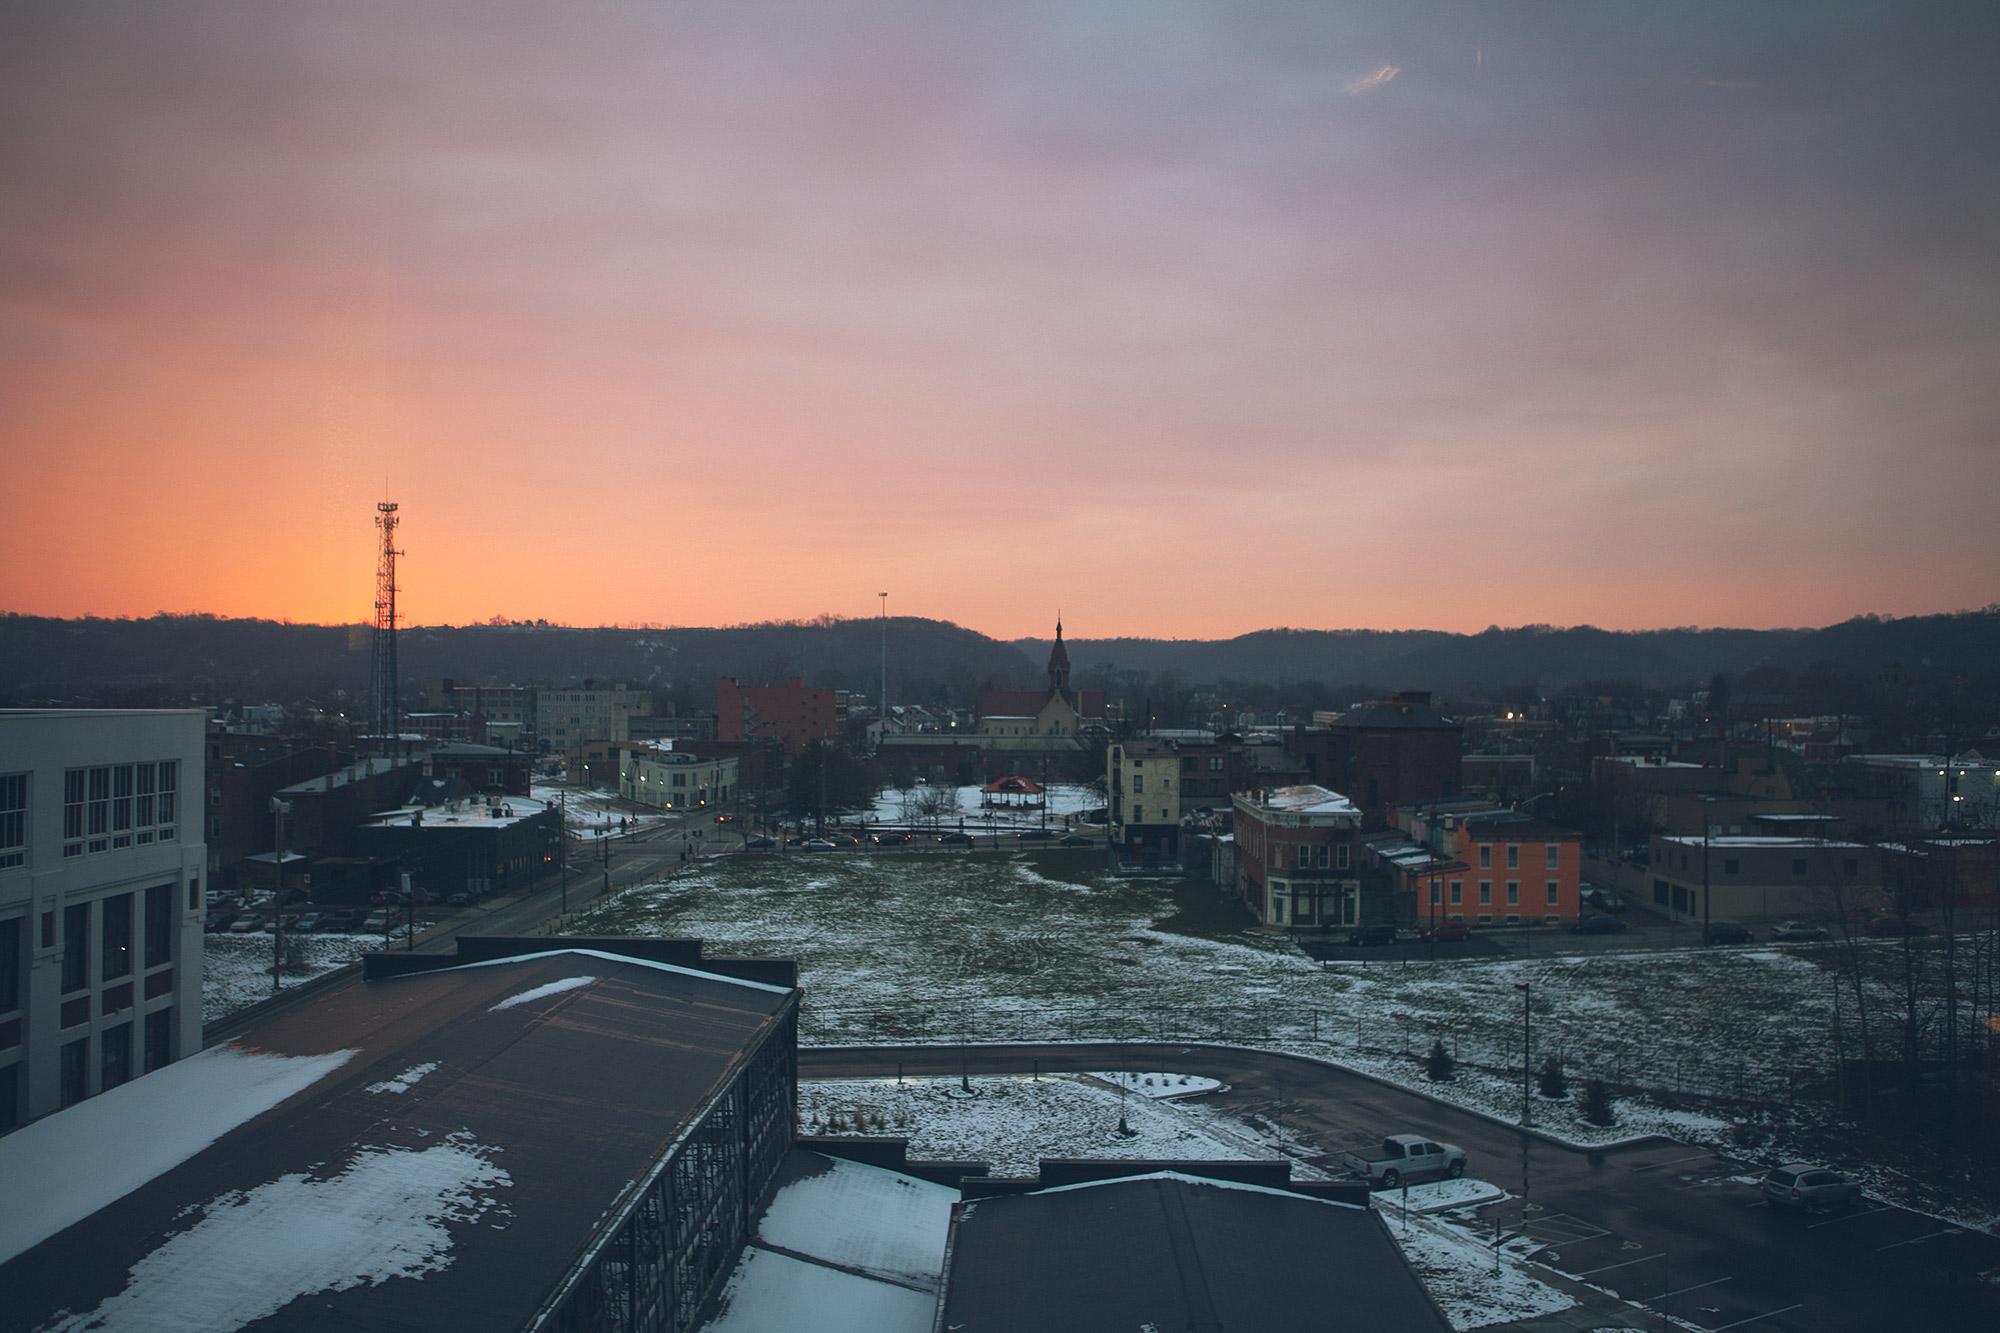 A tiny bit of snow, a neighborhood at sunset